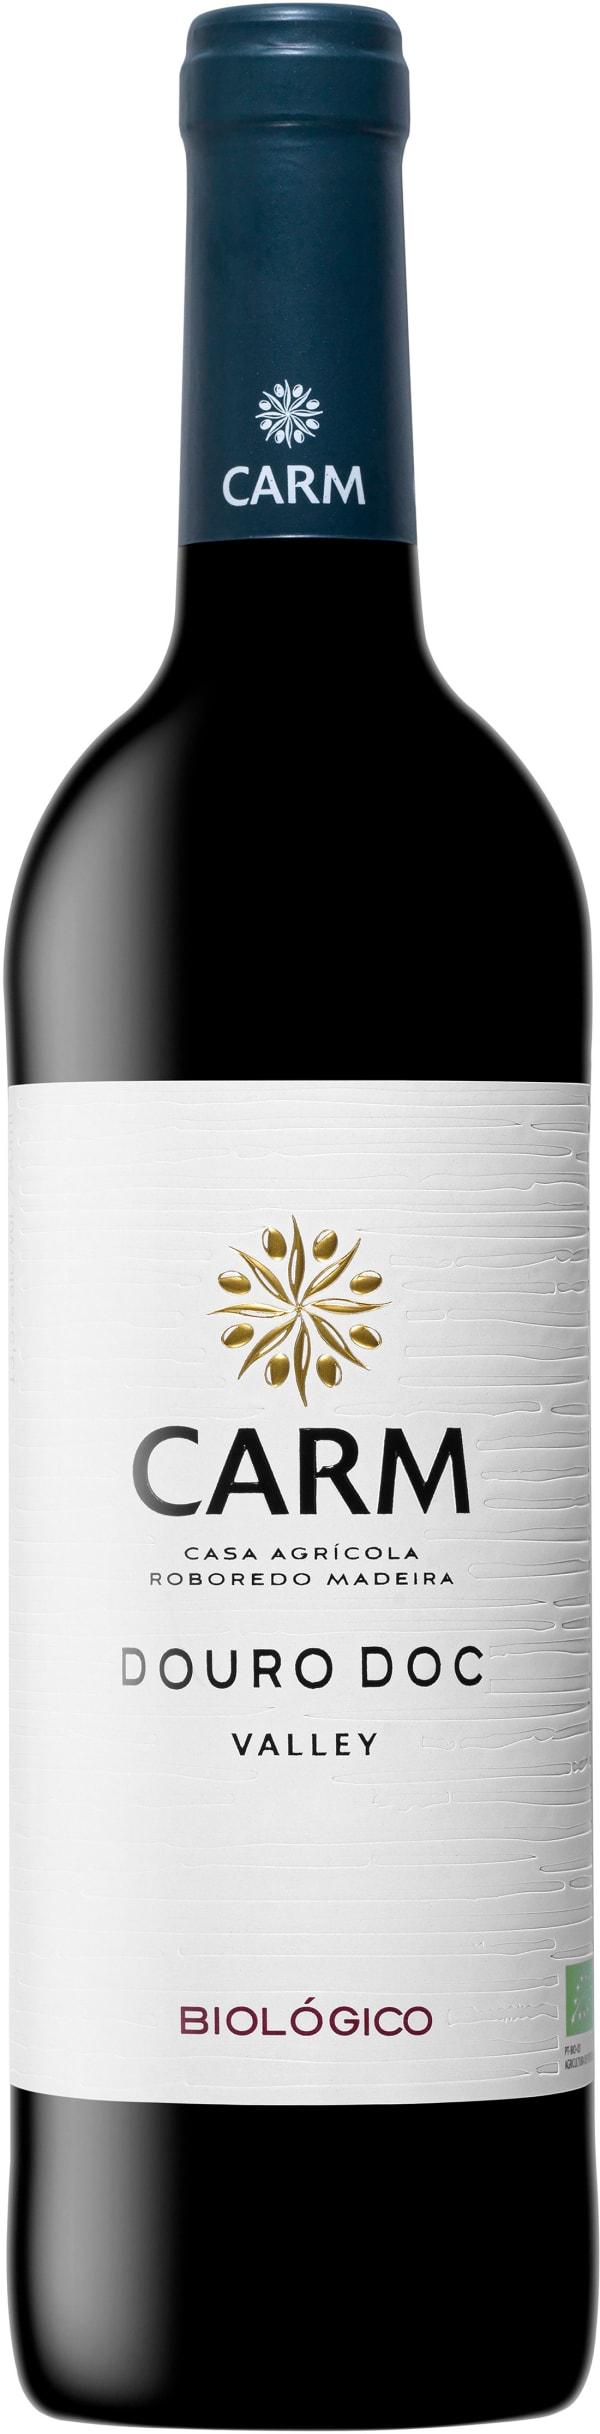 Carm 2018